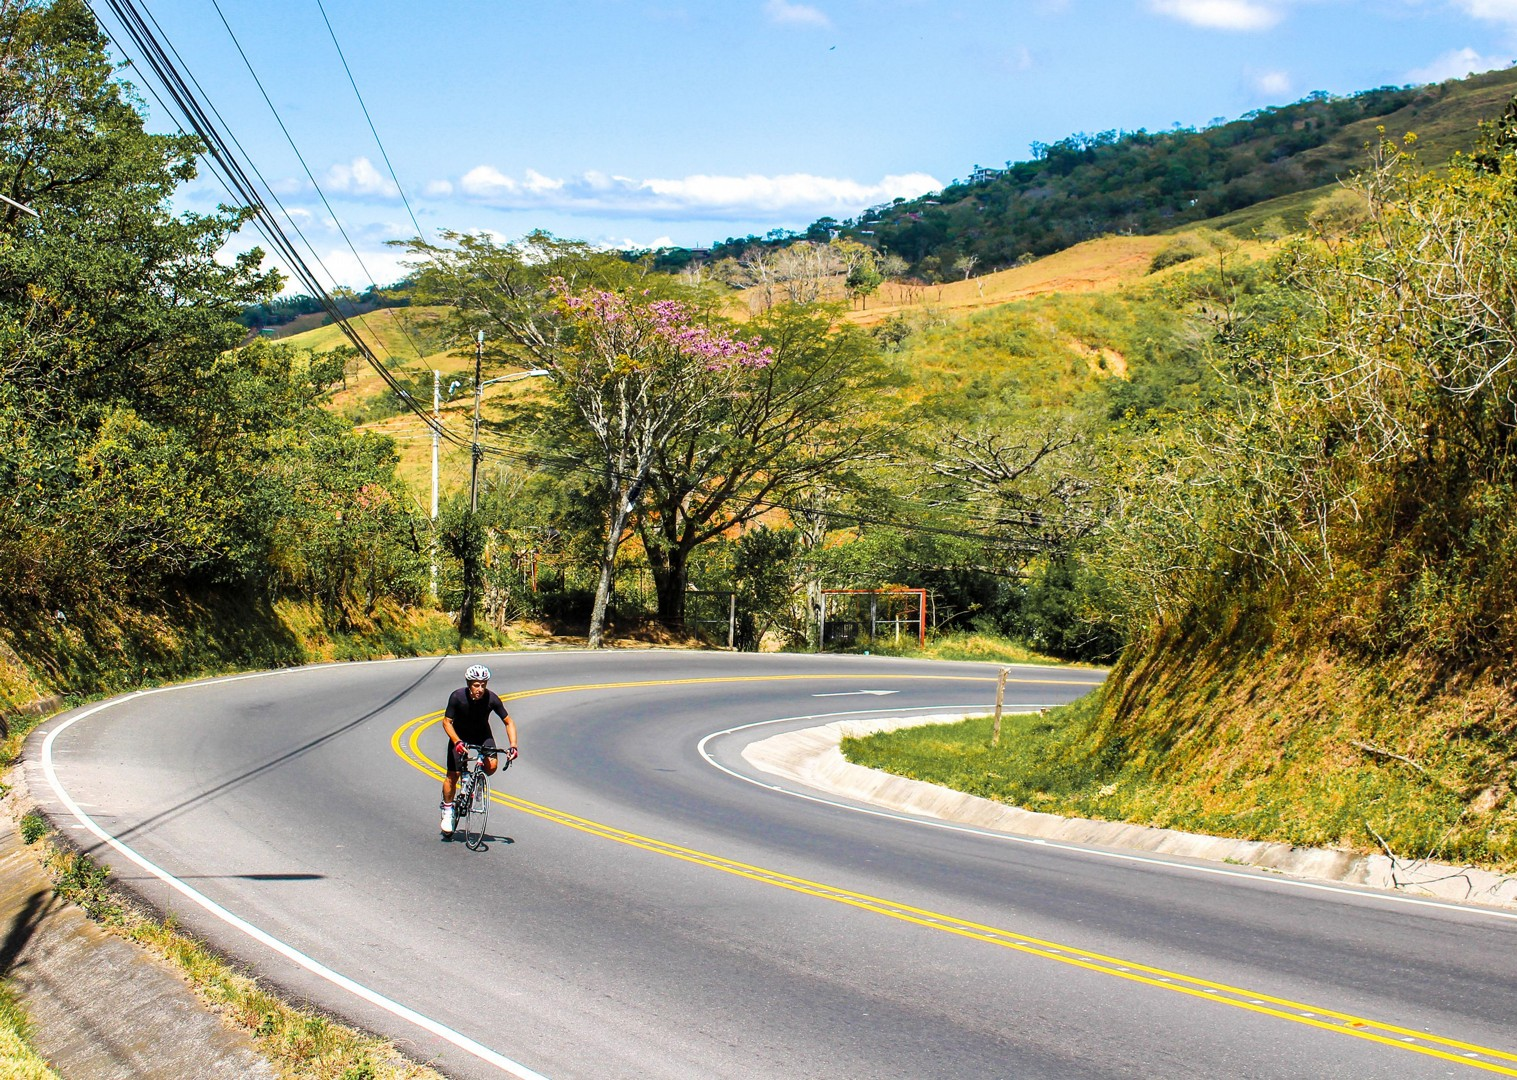 IMG_5594.jpg - Costa Rica - Ruta de los Volcanes - Road Cycling